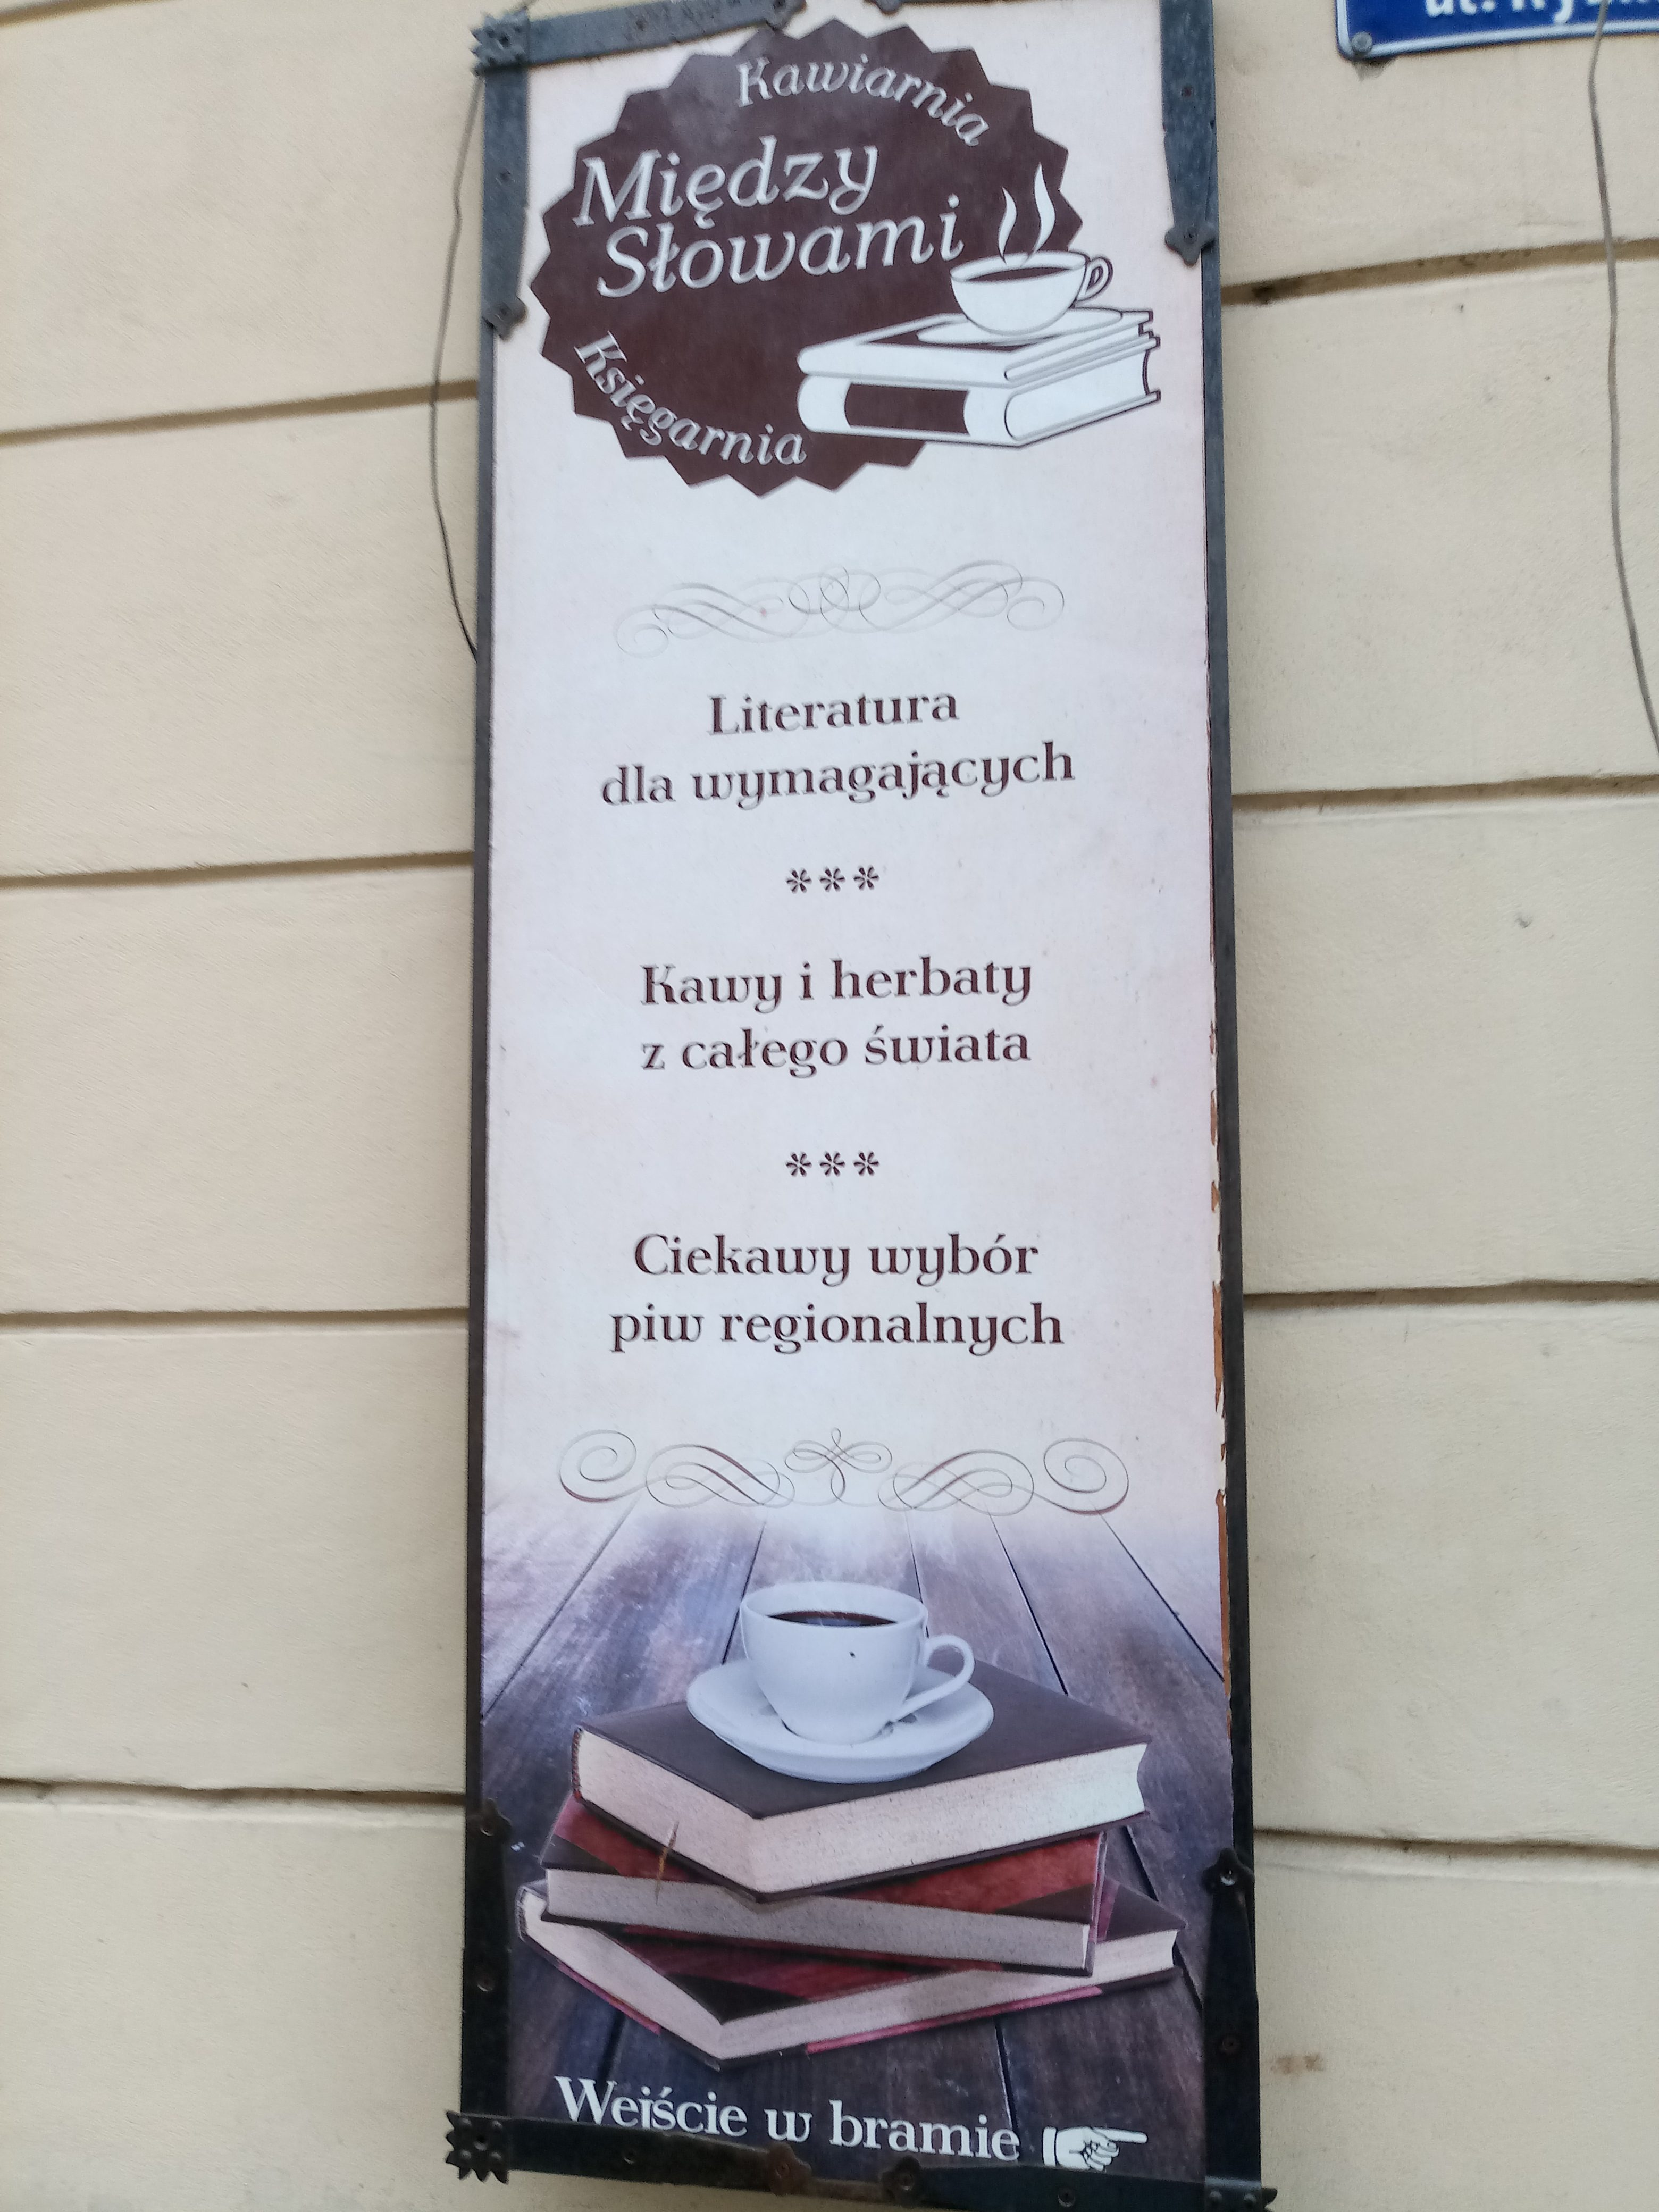 """Oczytany poleca: Księgarnia-kawiarnia ,,Między Słowami"""""""